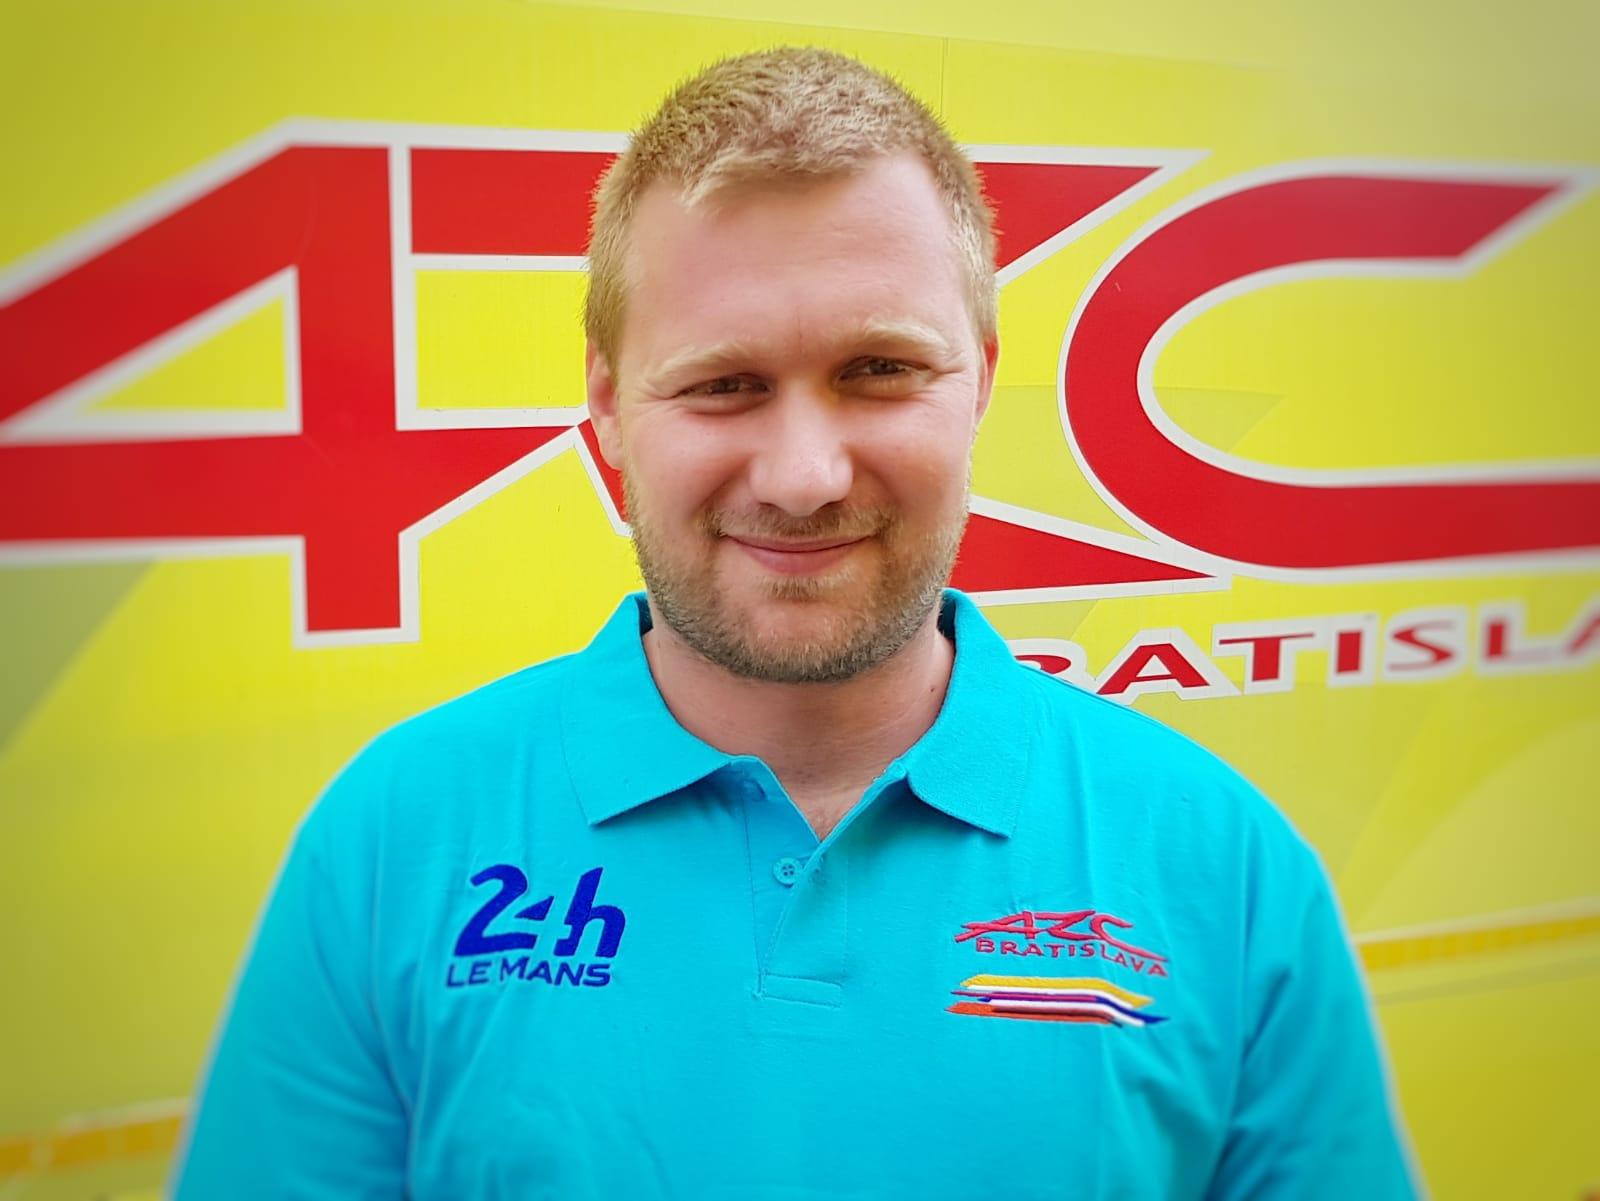 Marek Zabloudil, SVK